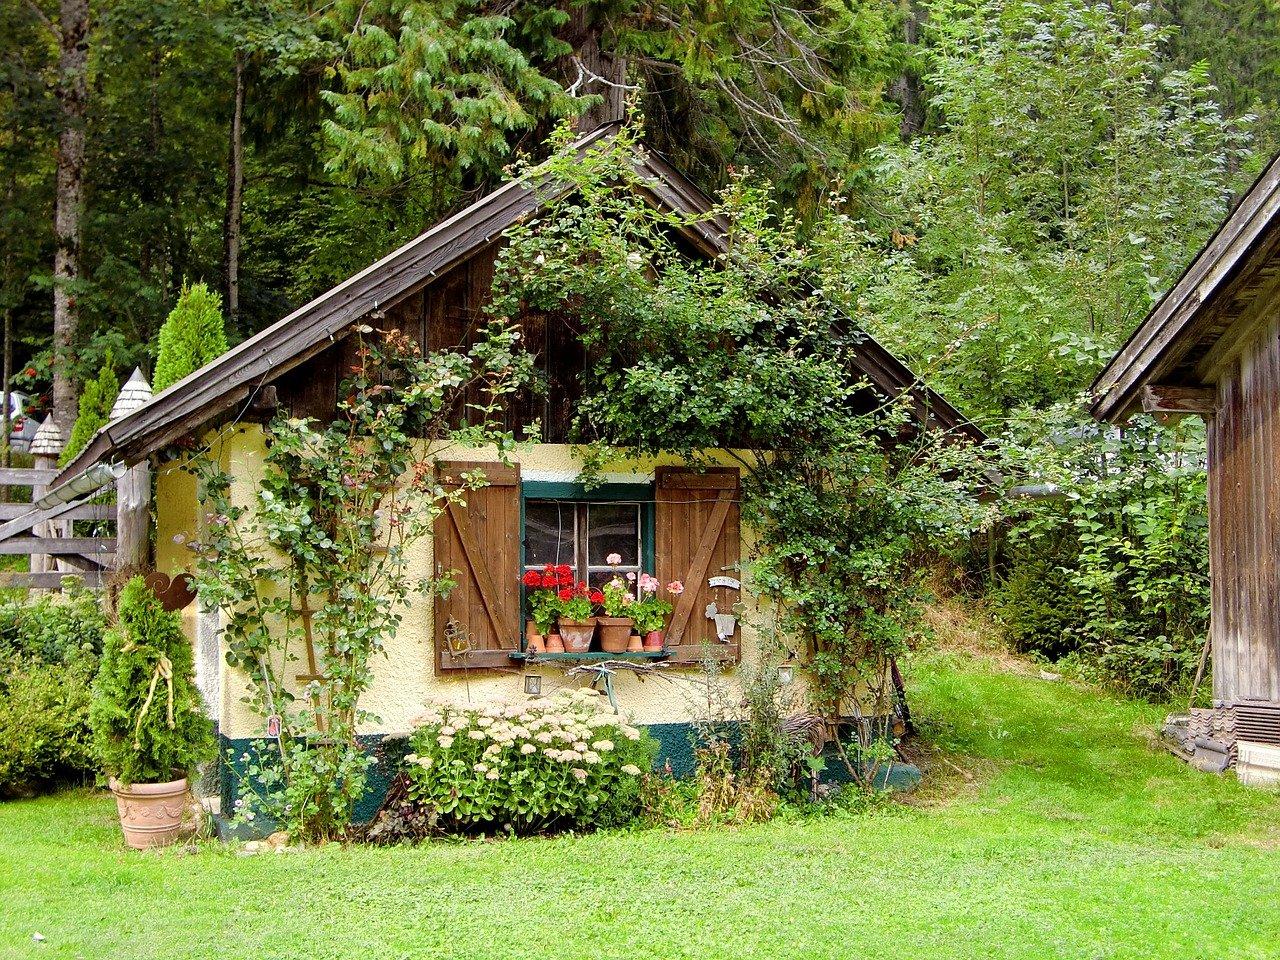 Gartenhaus - Eine Wohlfühloase im eigenen Garten